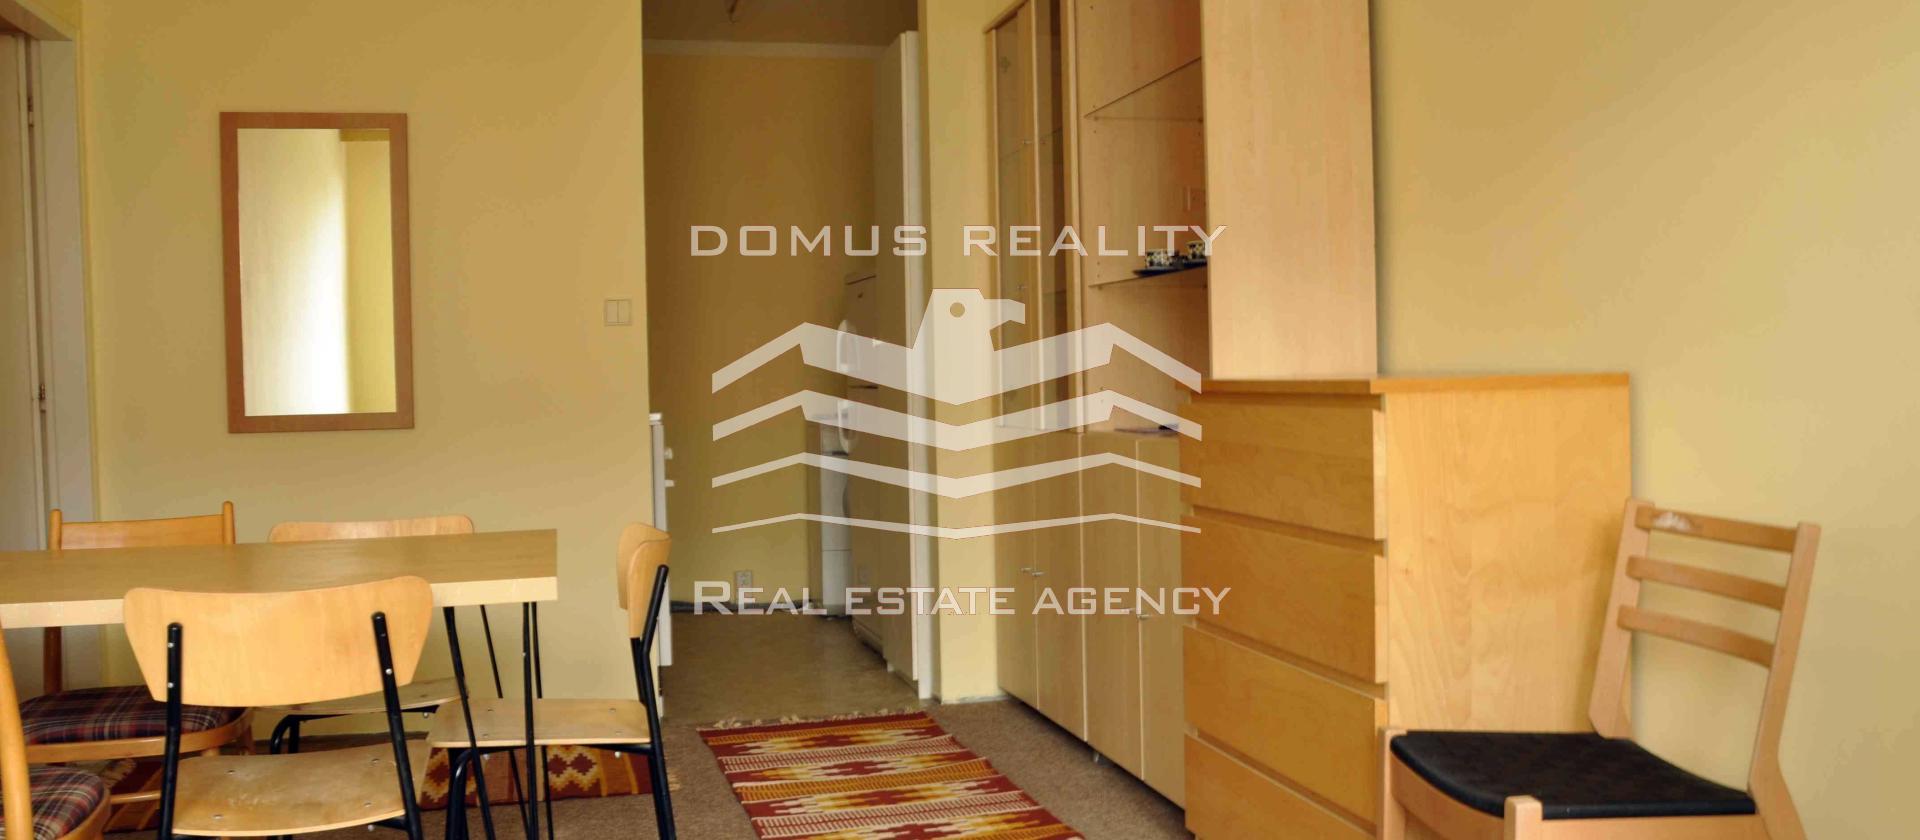 Pěkný byt 2+kk-43m2 se nachází ve 3patře nového panelového domu v ulici Bašteckého na Stodůlkách.